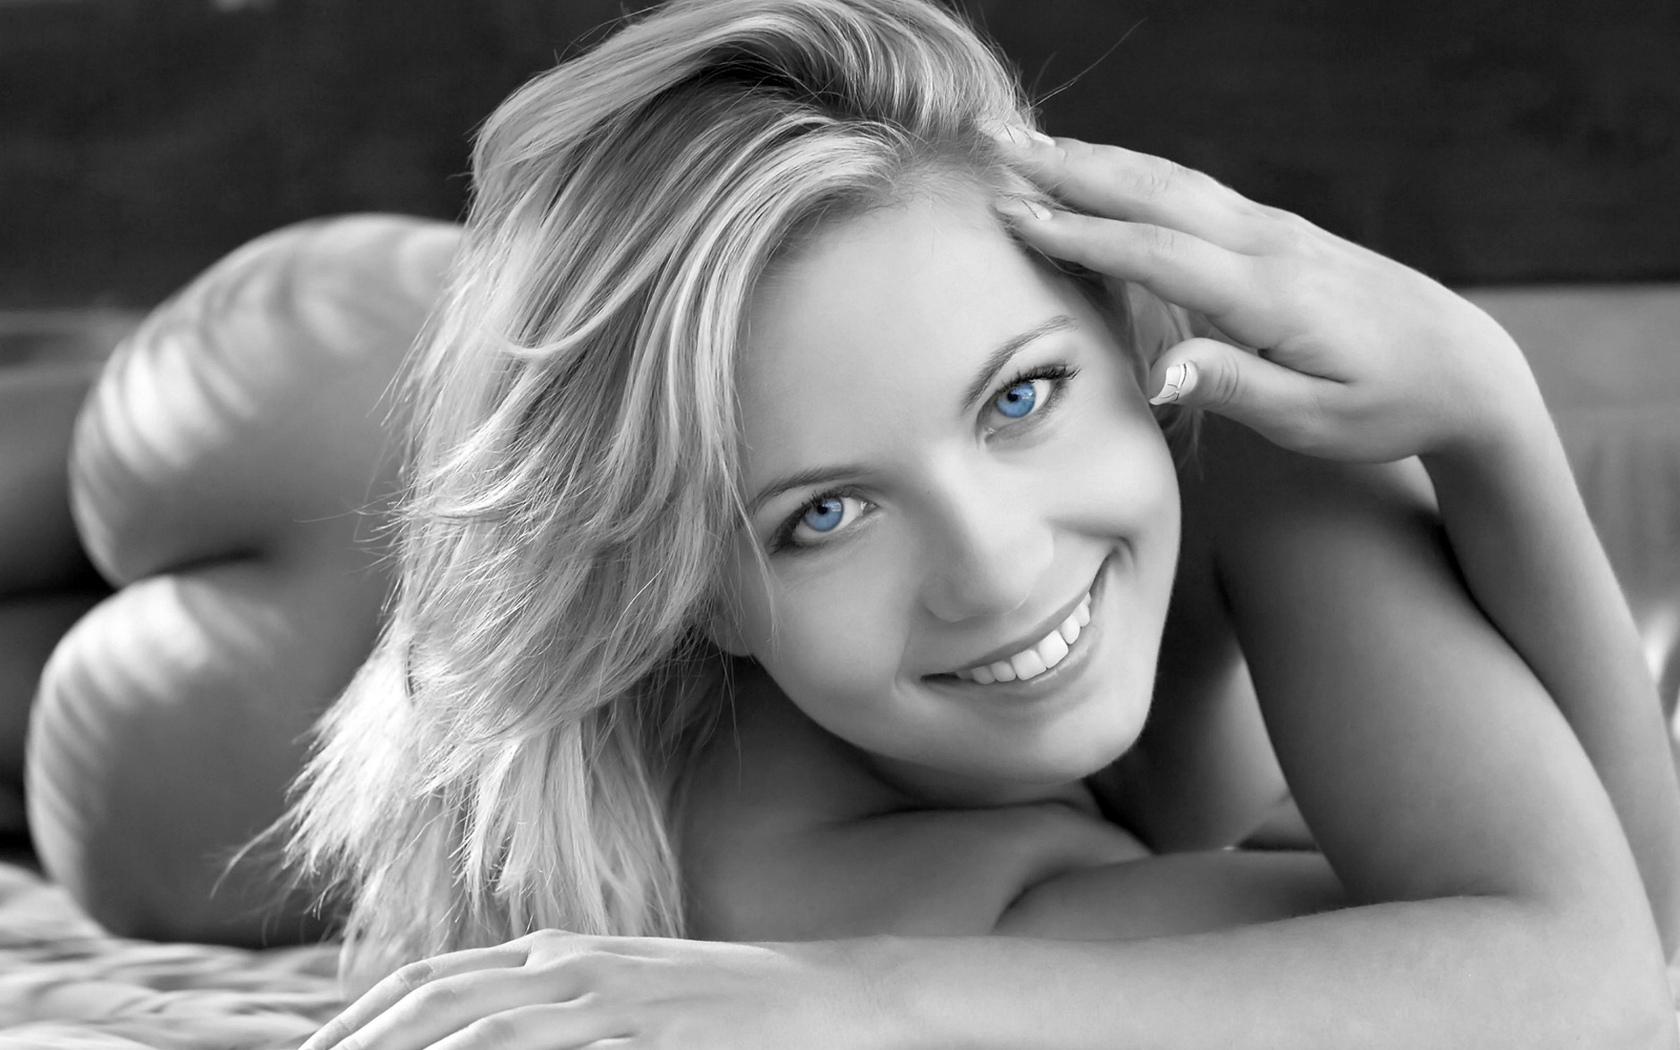 jenni gregg, блондинка, голубые глаза, черные и белые, попка, улыбка